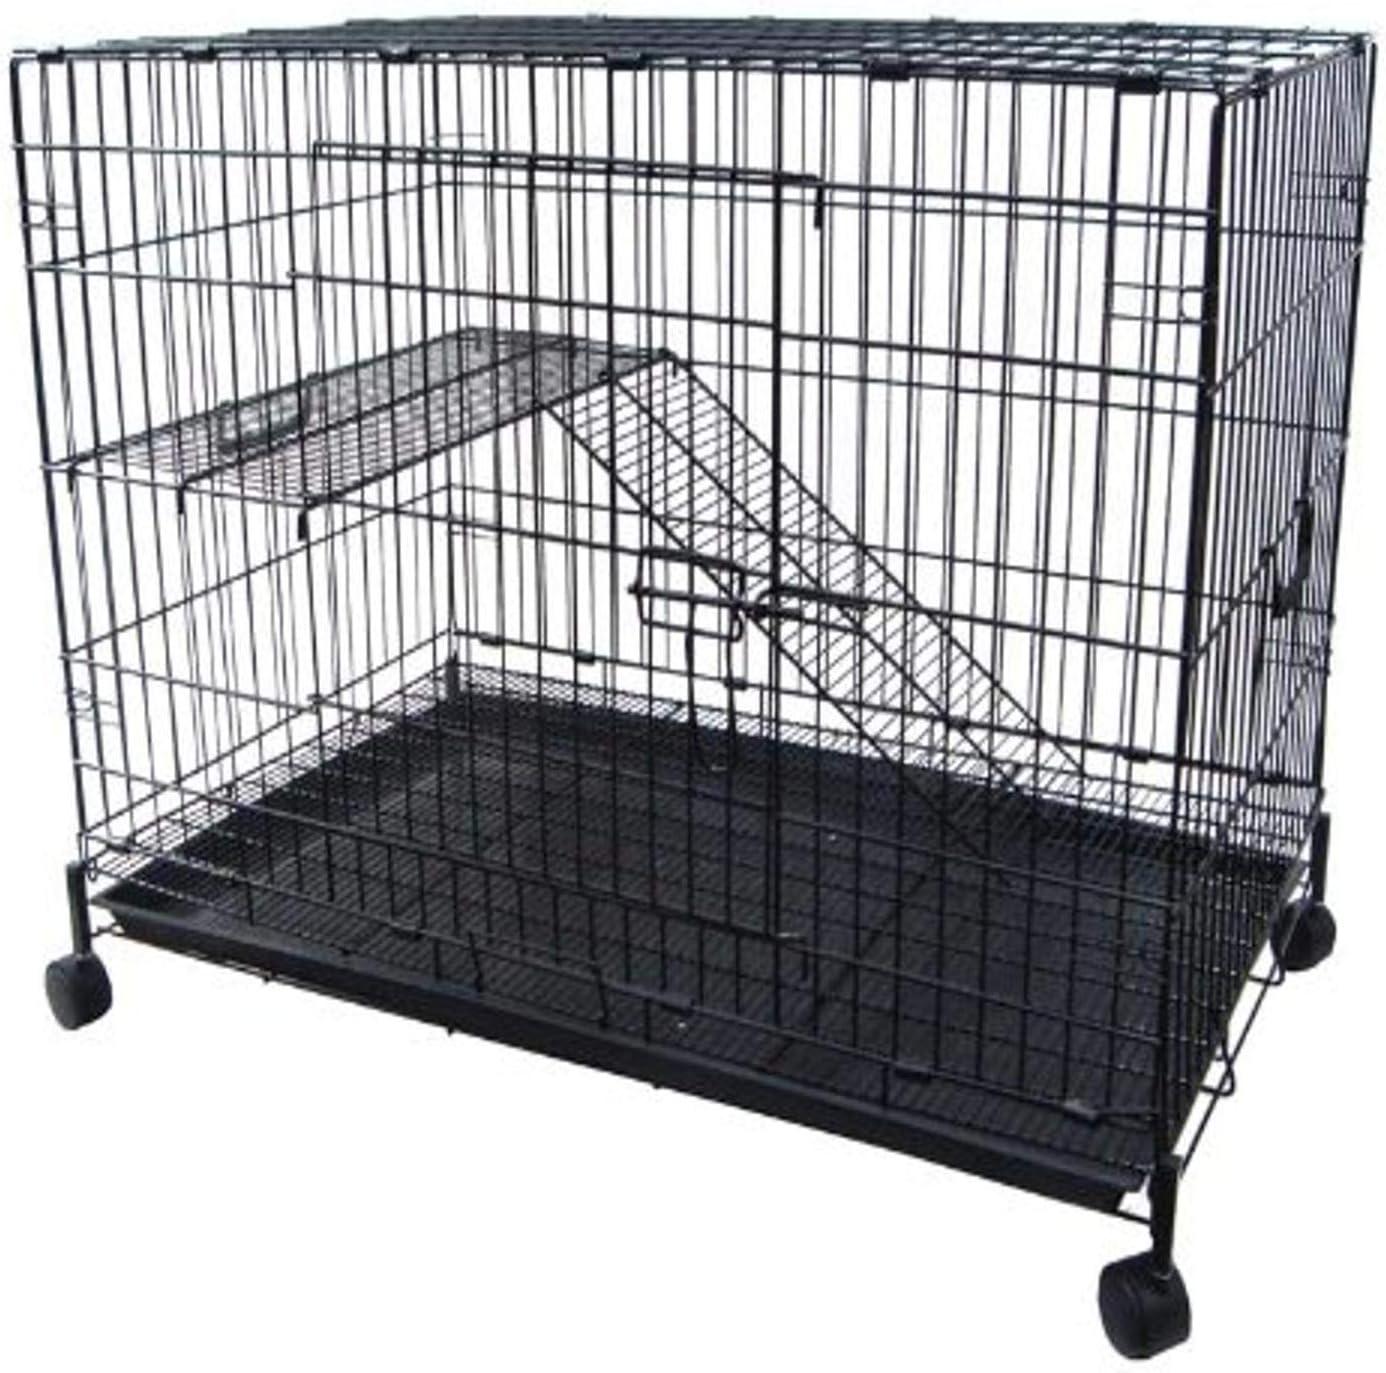 YML 2-Level Small Animal Chichilla Popularity Super sale Cat Cage Black Ferret